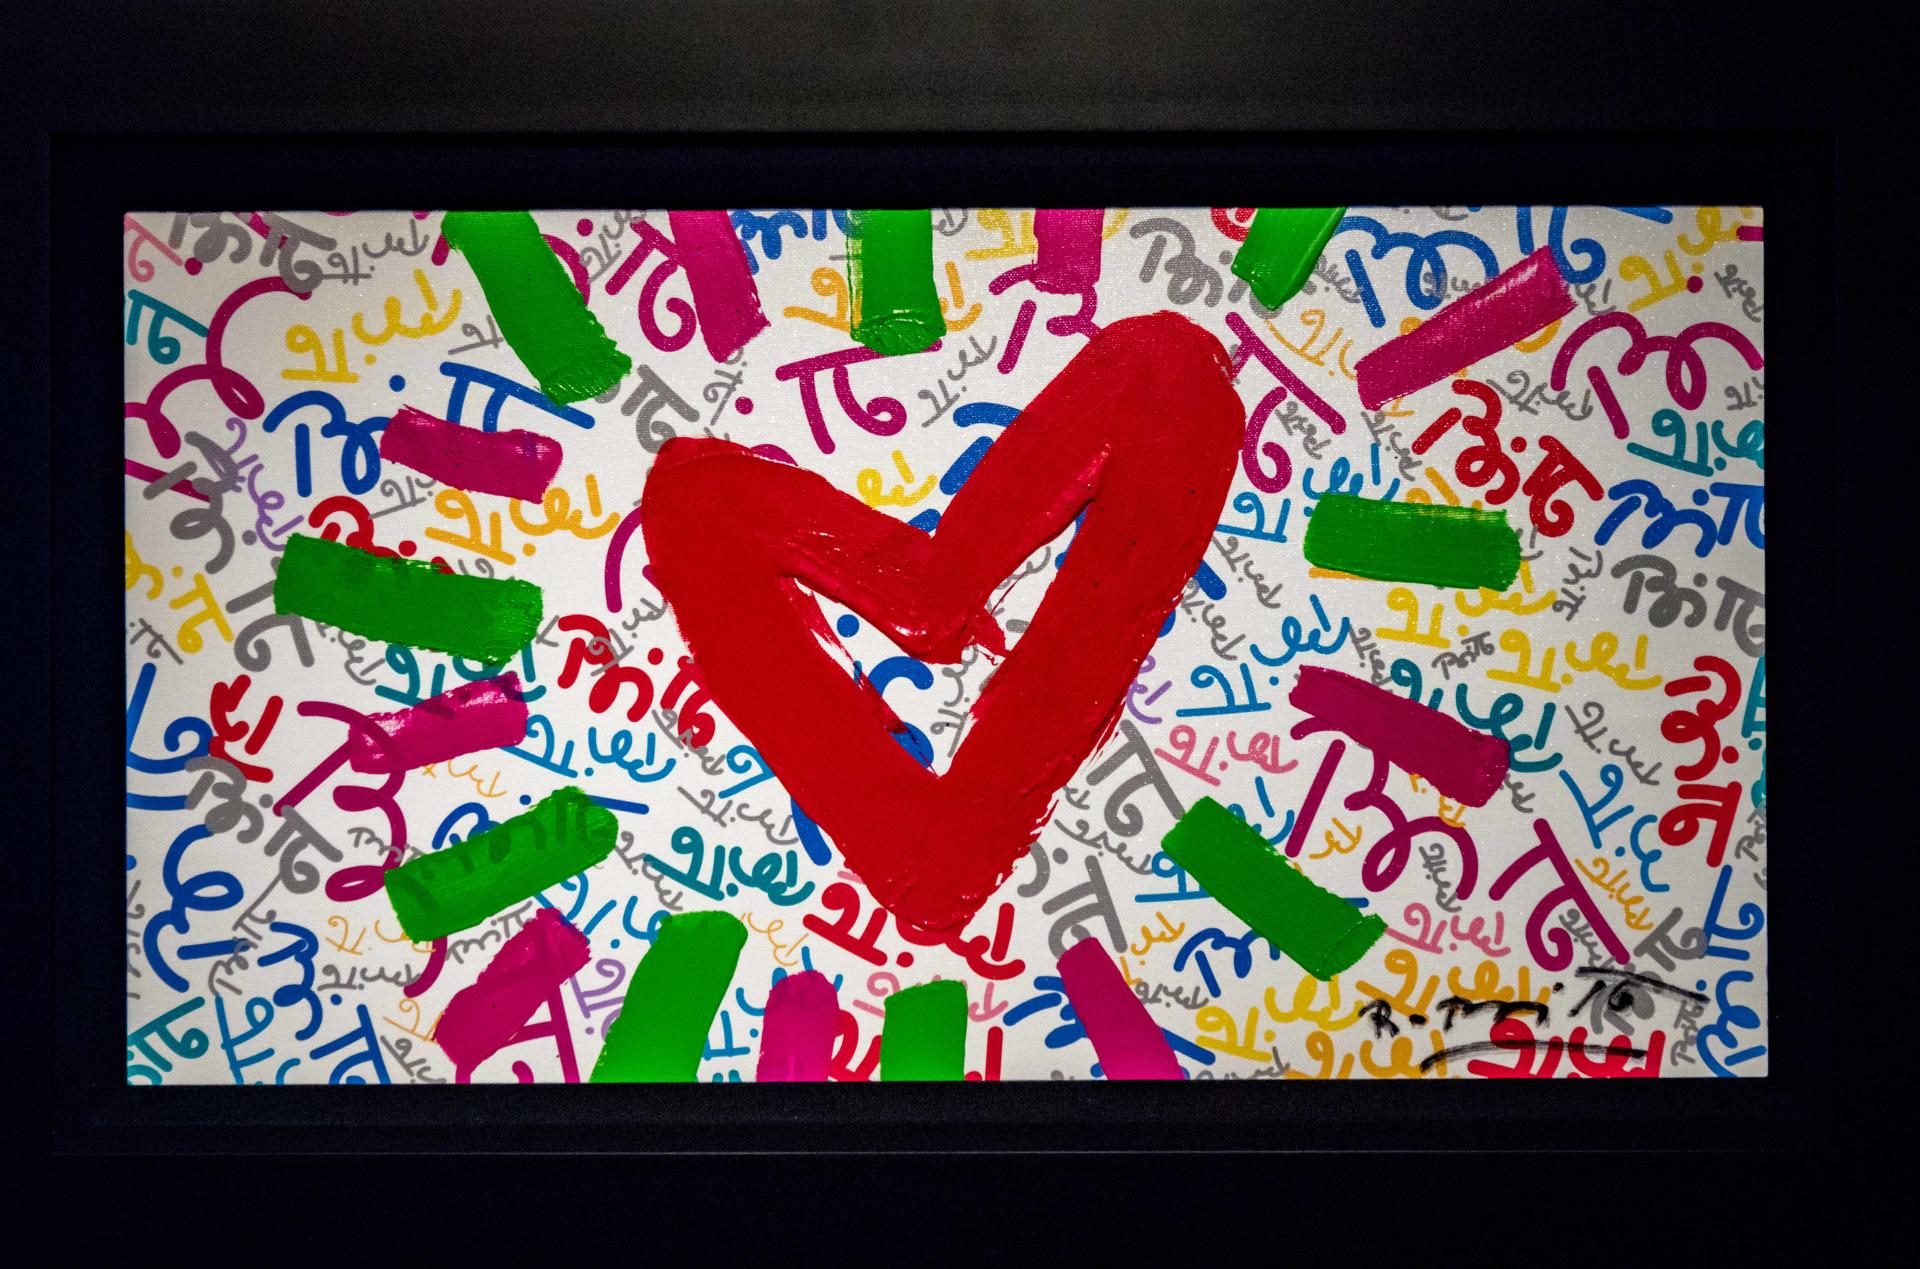 LOVE EVERYONE by Romero Britto